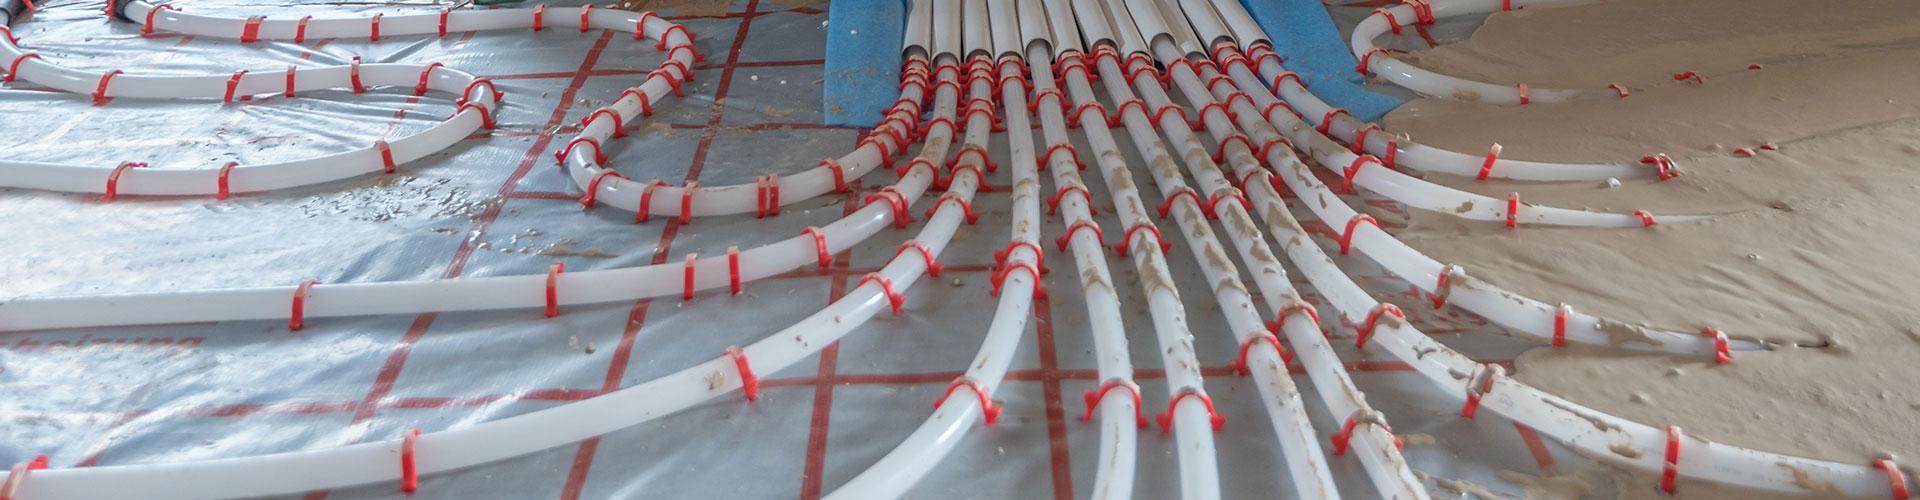 idraulico verona, impianti idraulici industriali, plumber verona, pompa di calore, manutenzione impianto, ristrutturazione, riscaldamento, condizionamento, pannelli solari, trattamento acque